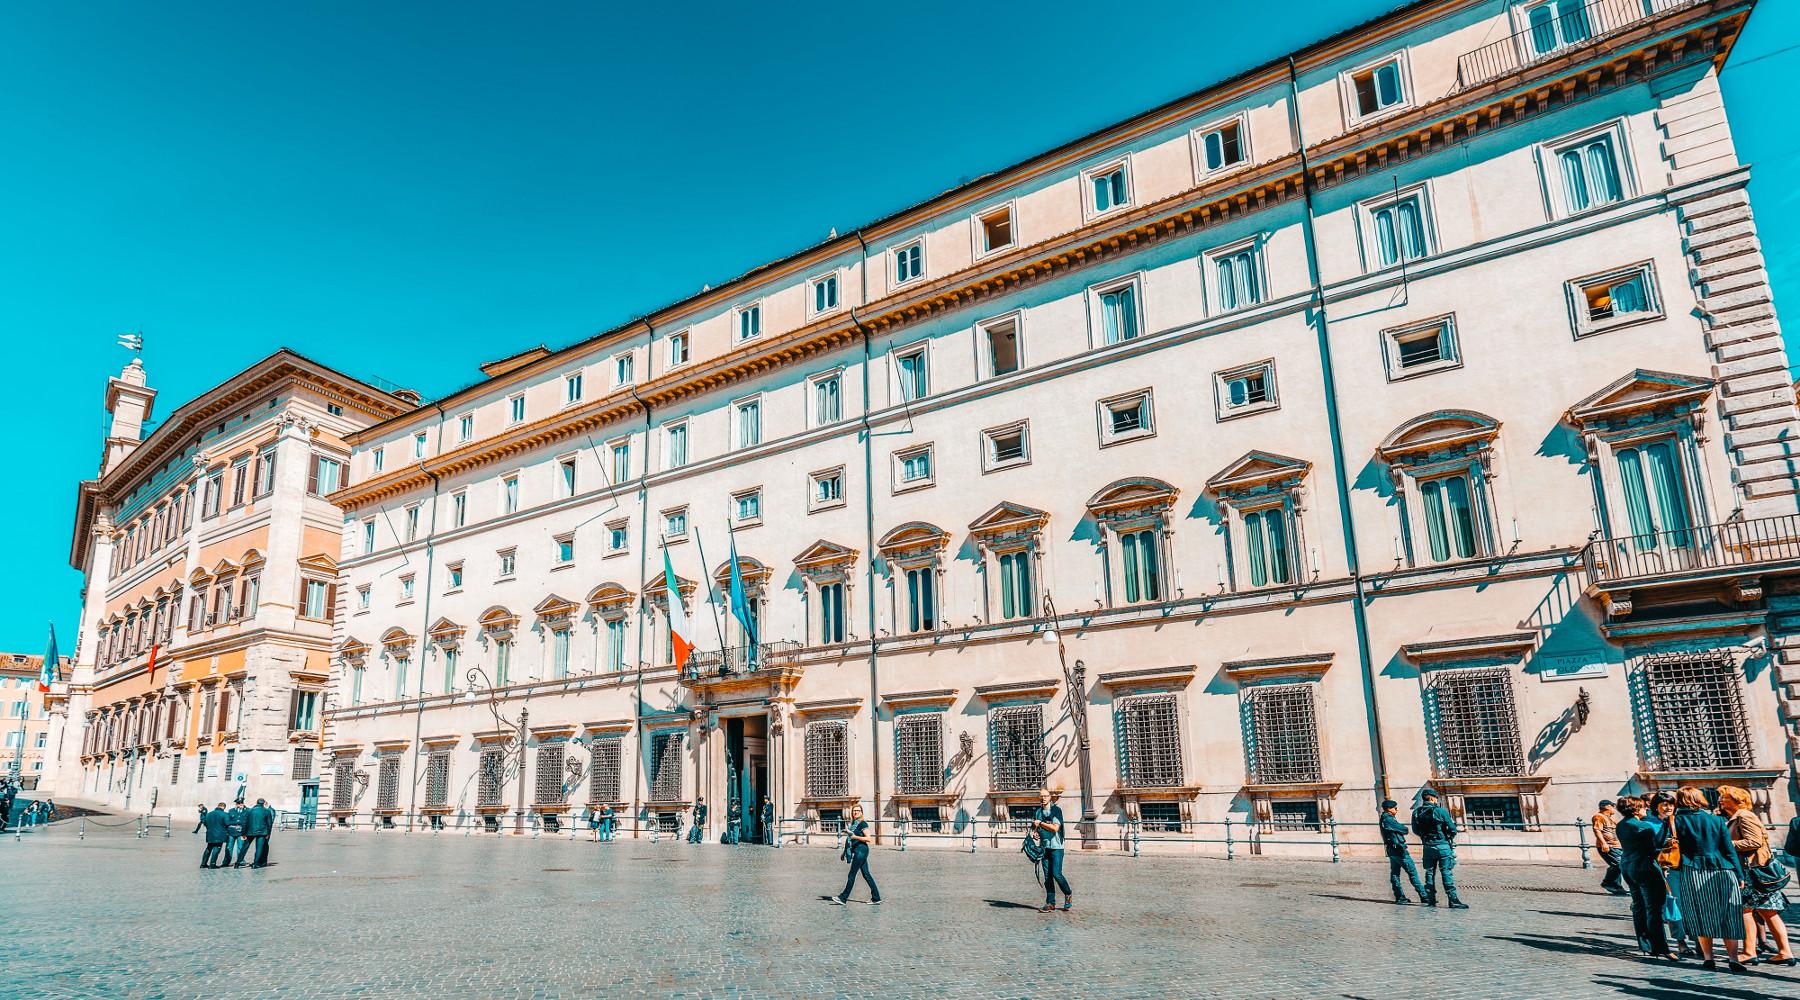 Caccia in Lombardia, governo impugna legge: facciata di palazzo chigi